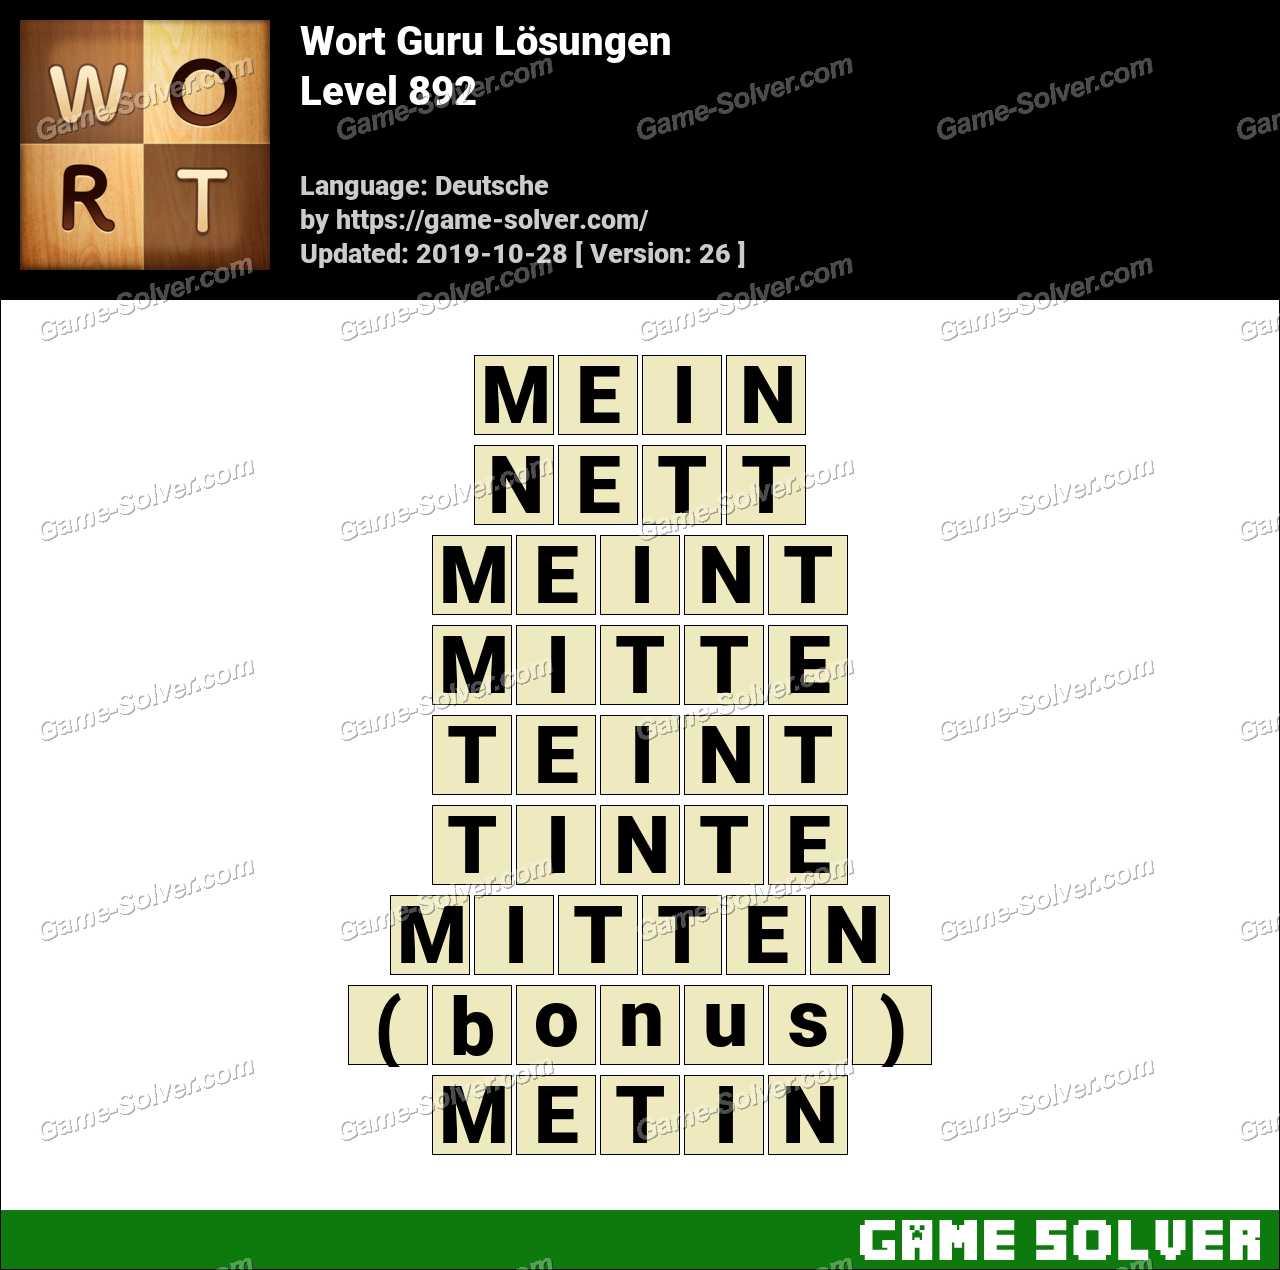 Wort Guru Level 892 Lösungen